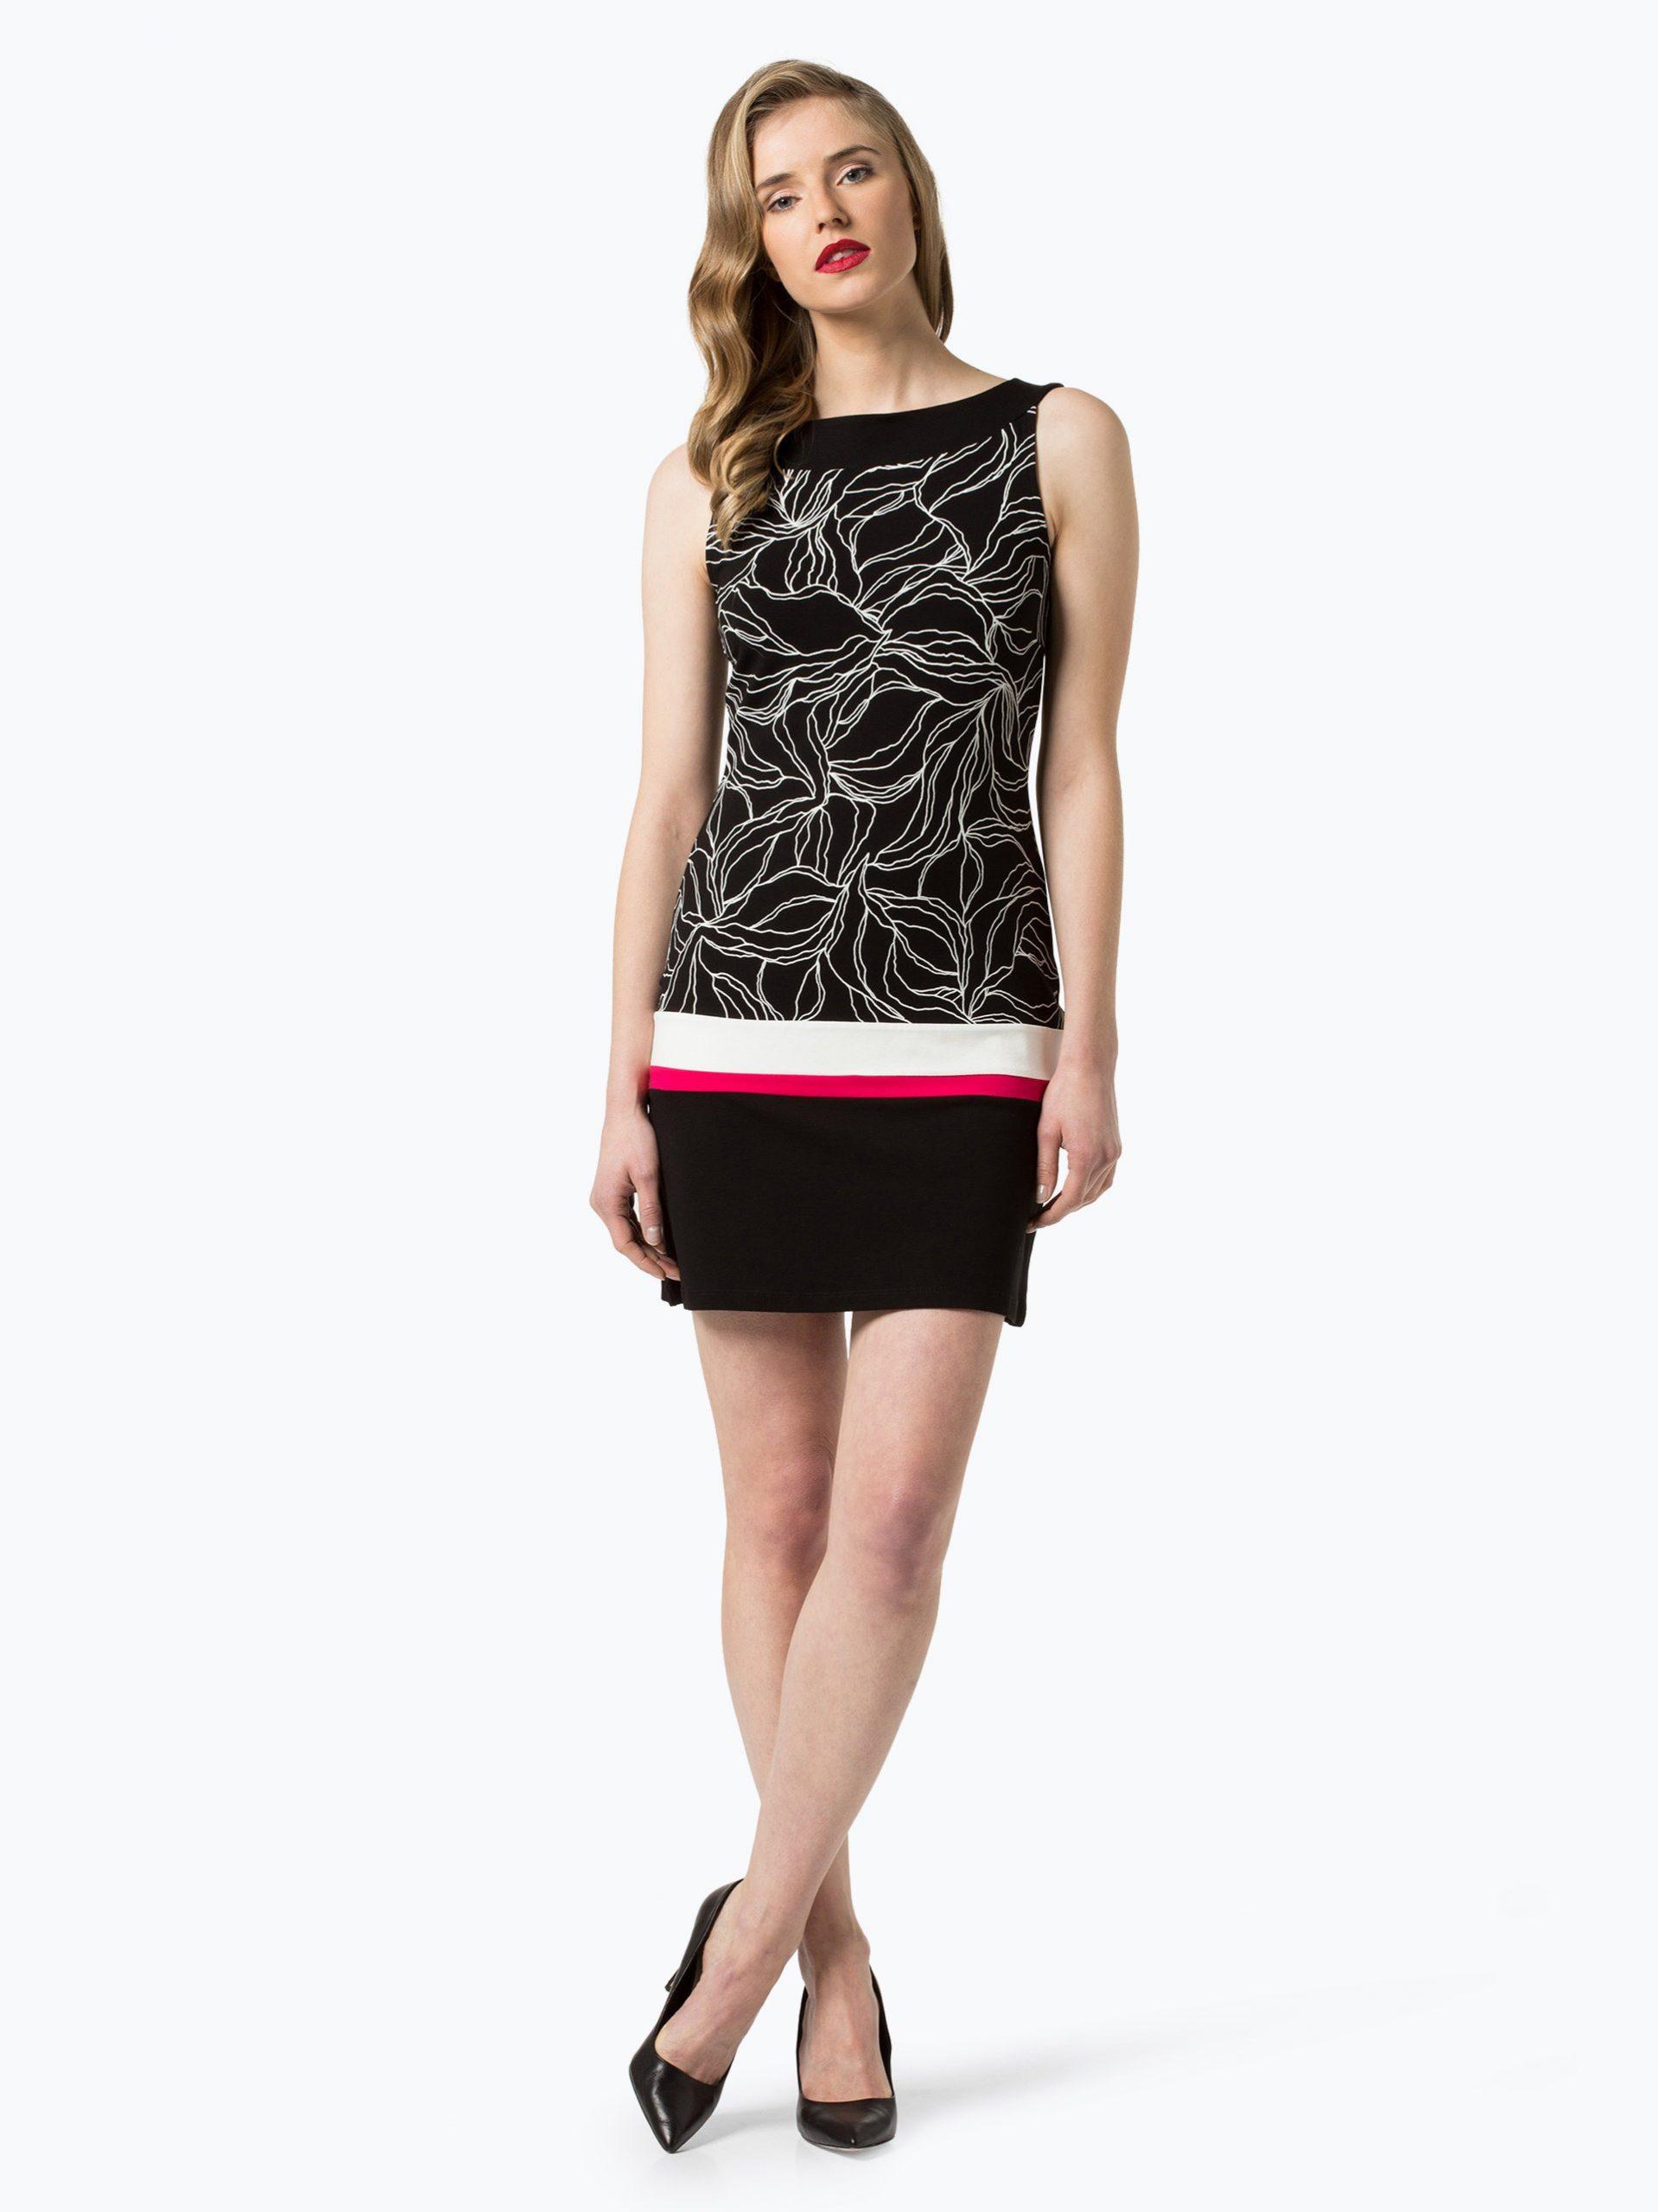 Soliver Black Label Damen Kleid Online Kaufen  Peekund